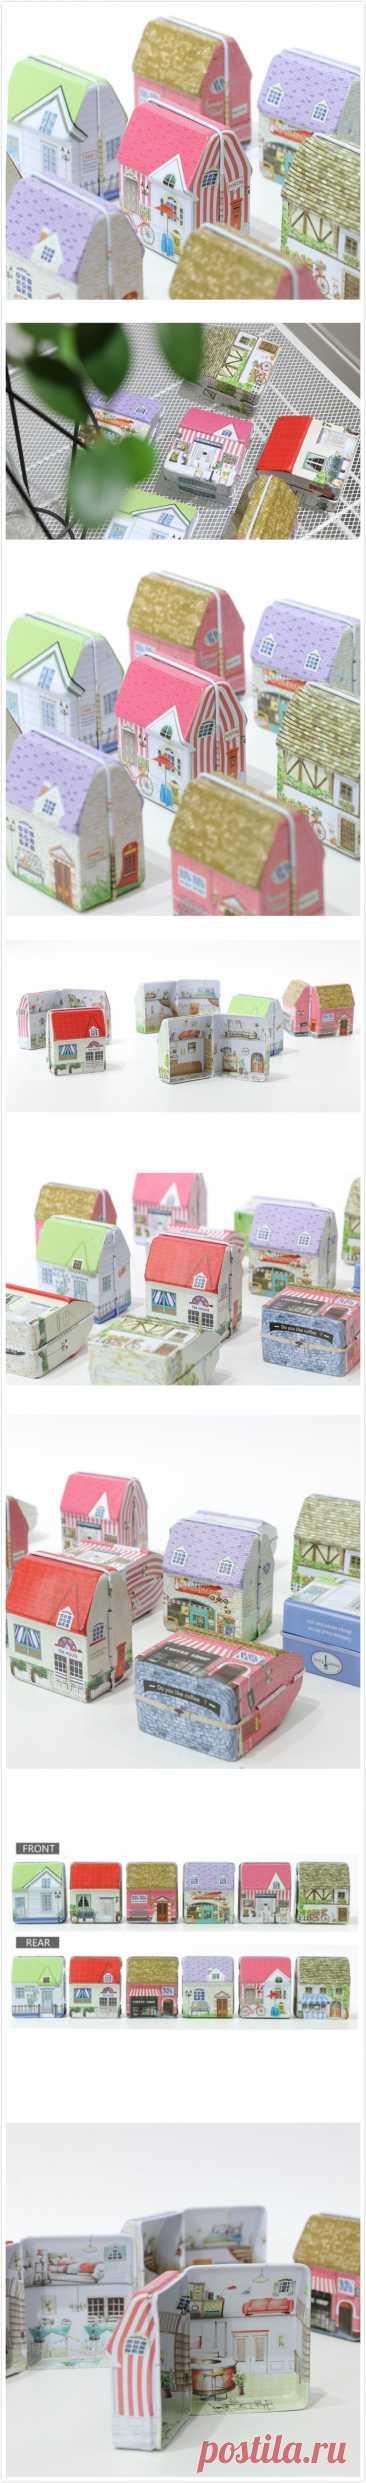 Мини Оловянная коробка для хранения, винтажный дом, Оловянная коробка для хранения монет, коробка для хранения ювелирных изделий с милым принтом для девочек, 2019 микс пачка, 6 видов конструкций box box chairbox unlock   АлиЭкспресс